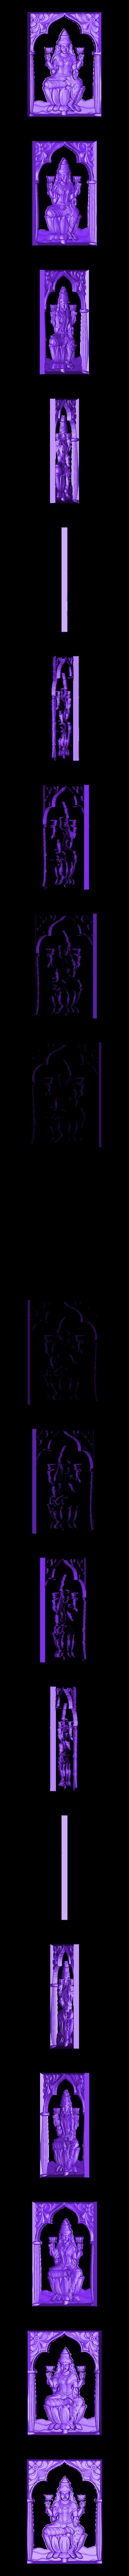 VRDG023.stl Télécharger fichier STL gratuit laxmi • Plan à imprimer en 3D, koithoju